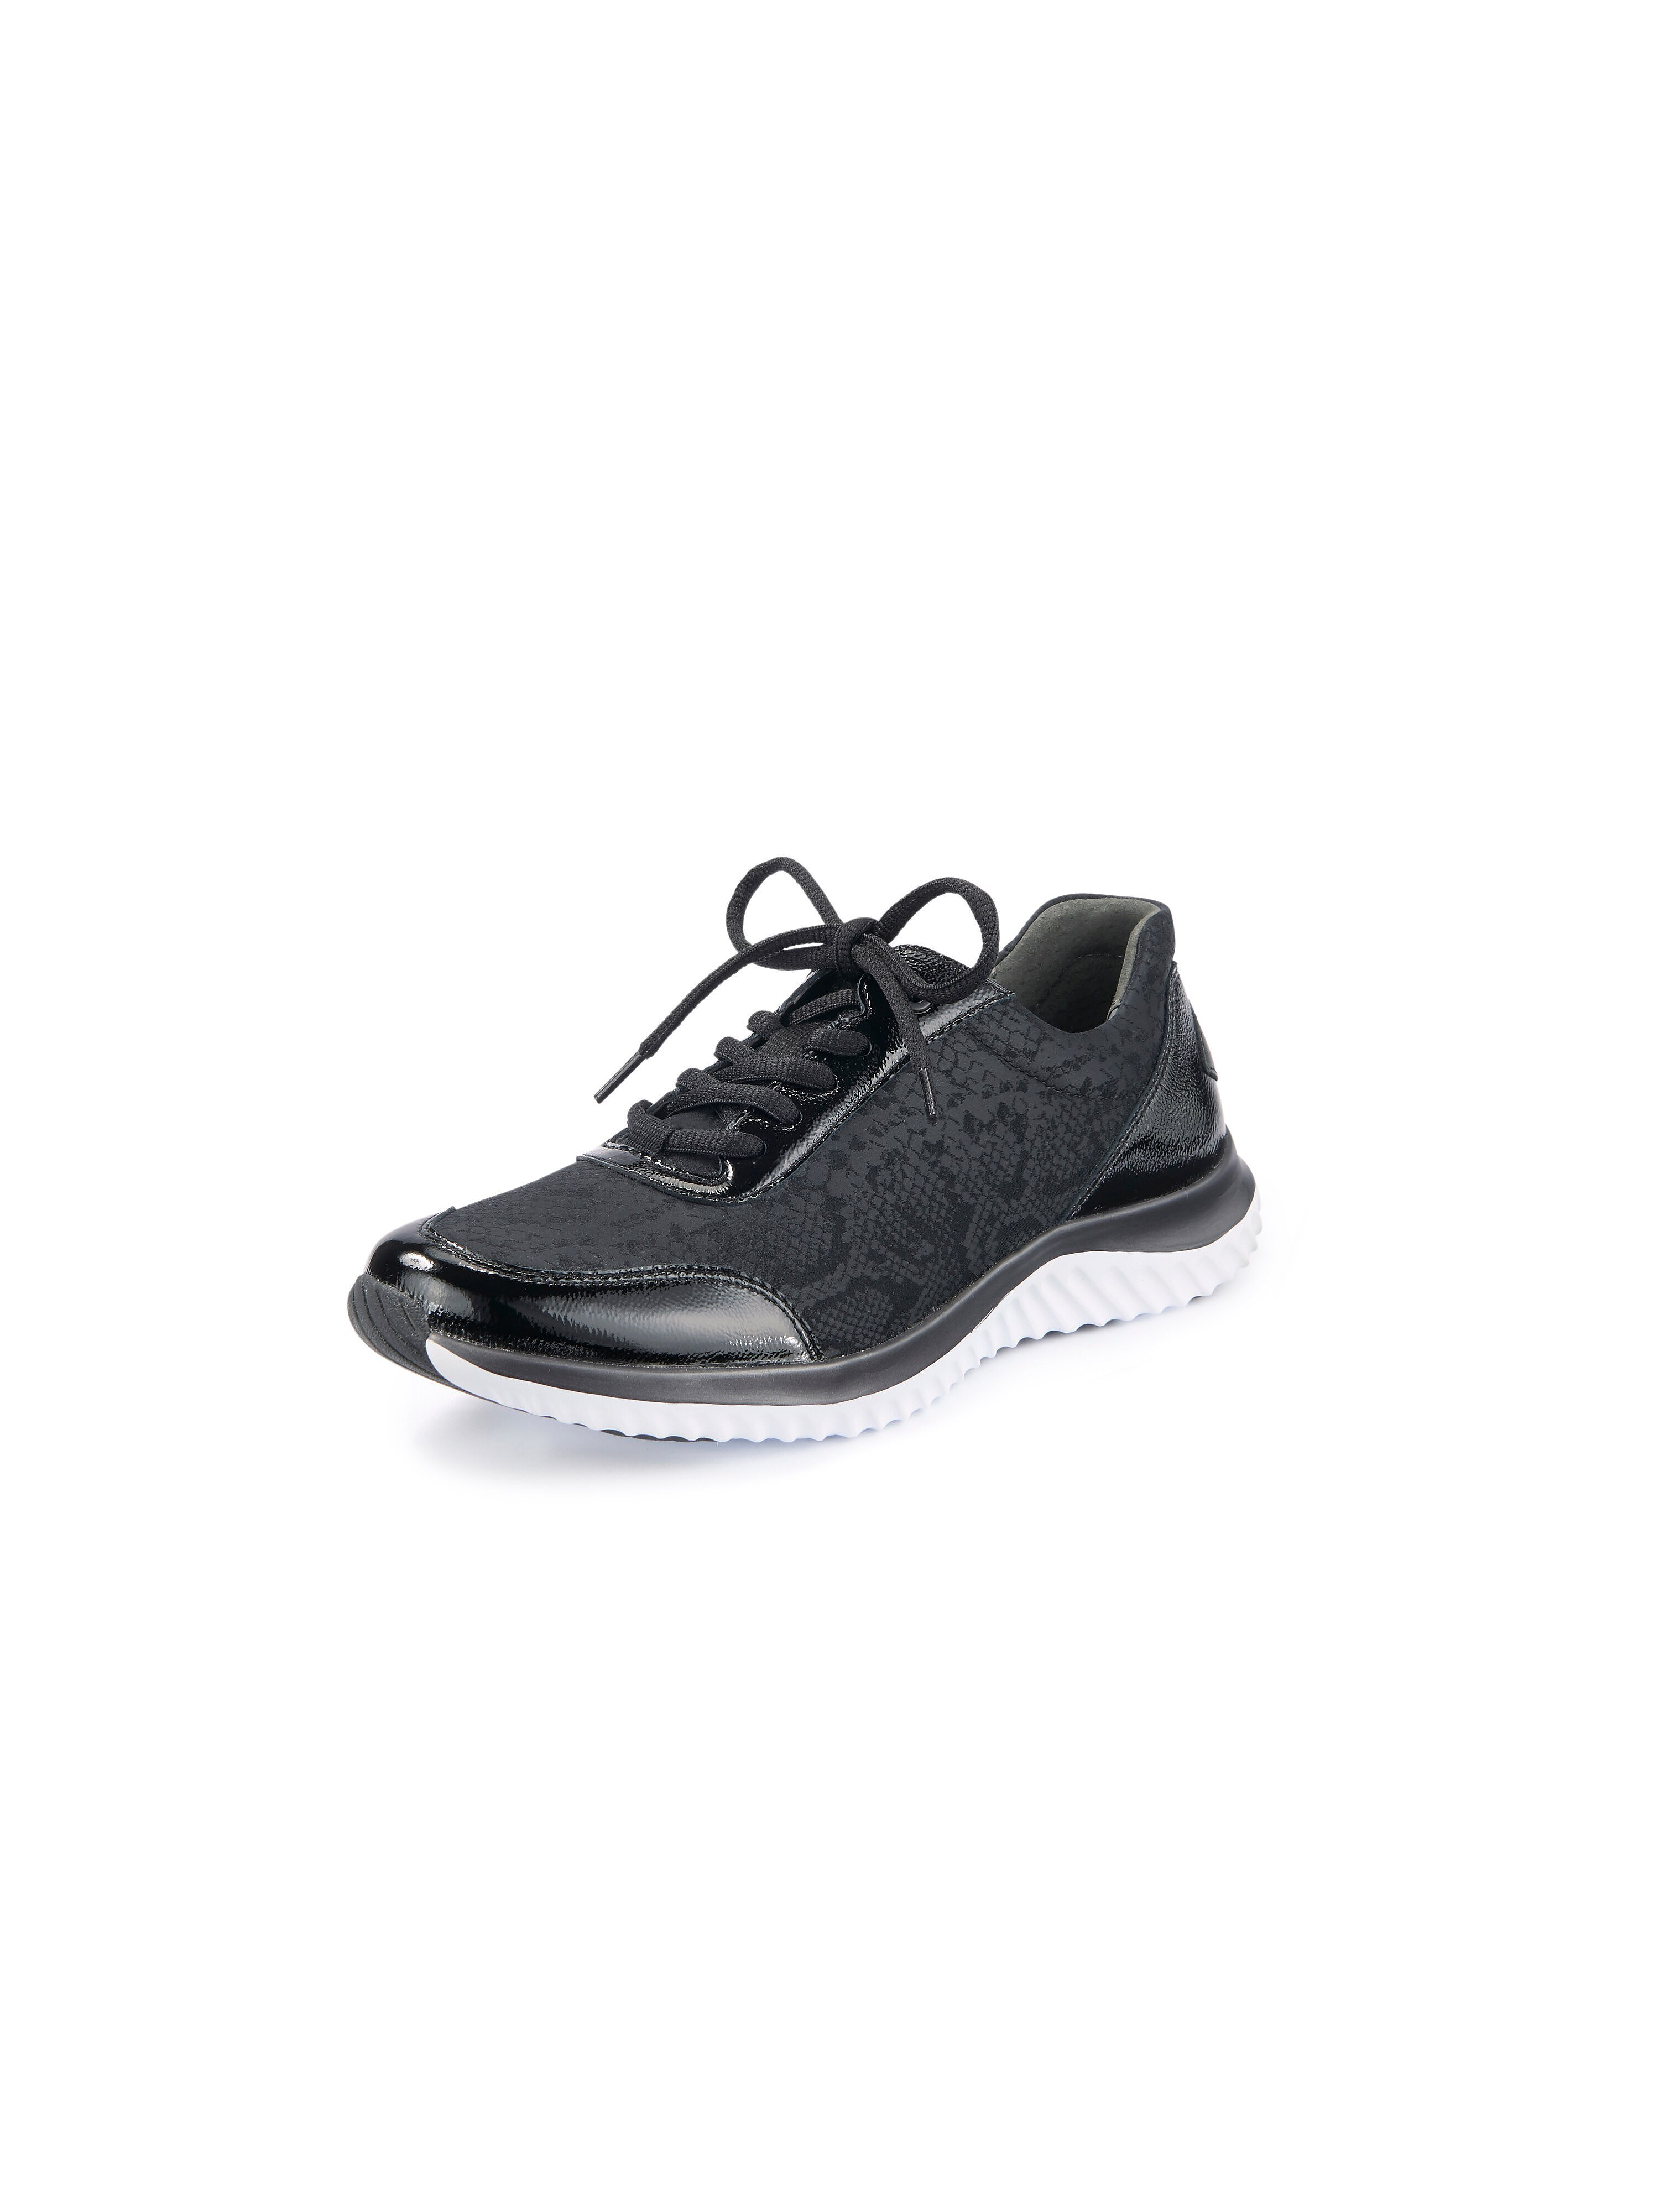 Sneakers Van Gabor Rolling-Soft-Sensitive zwart